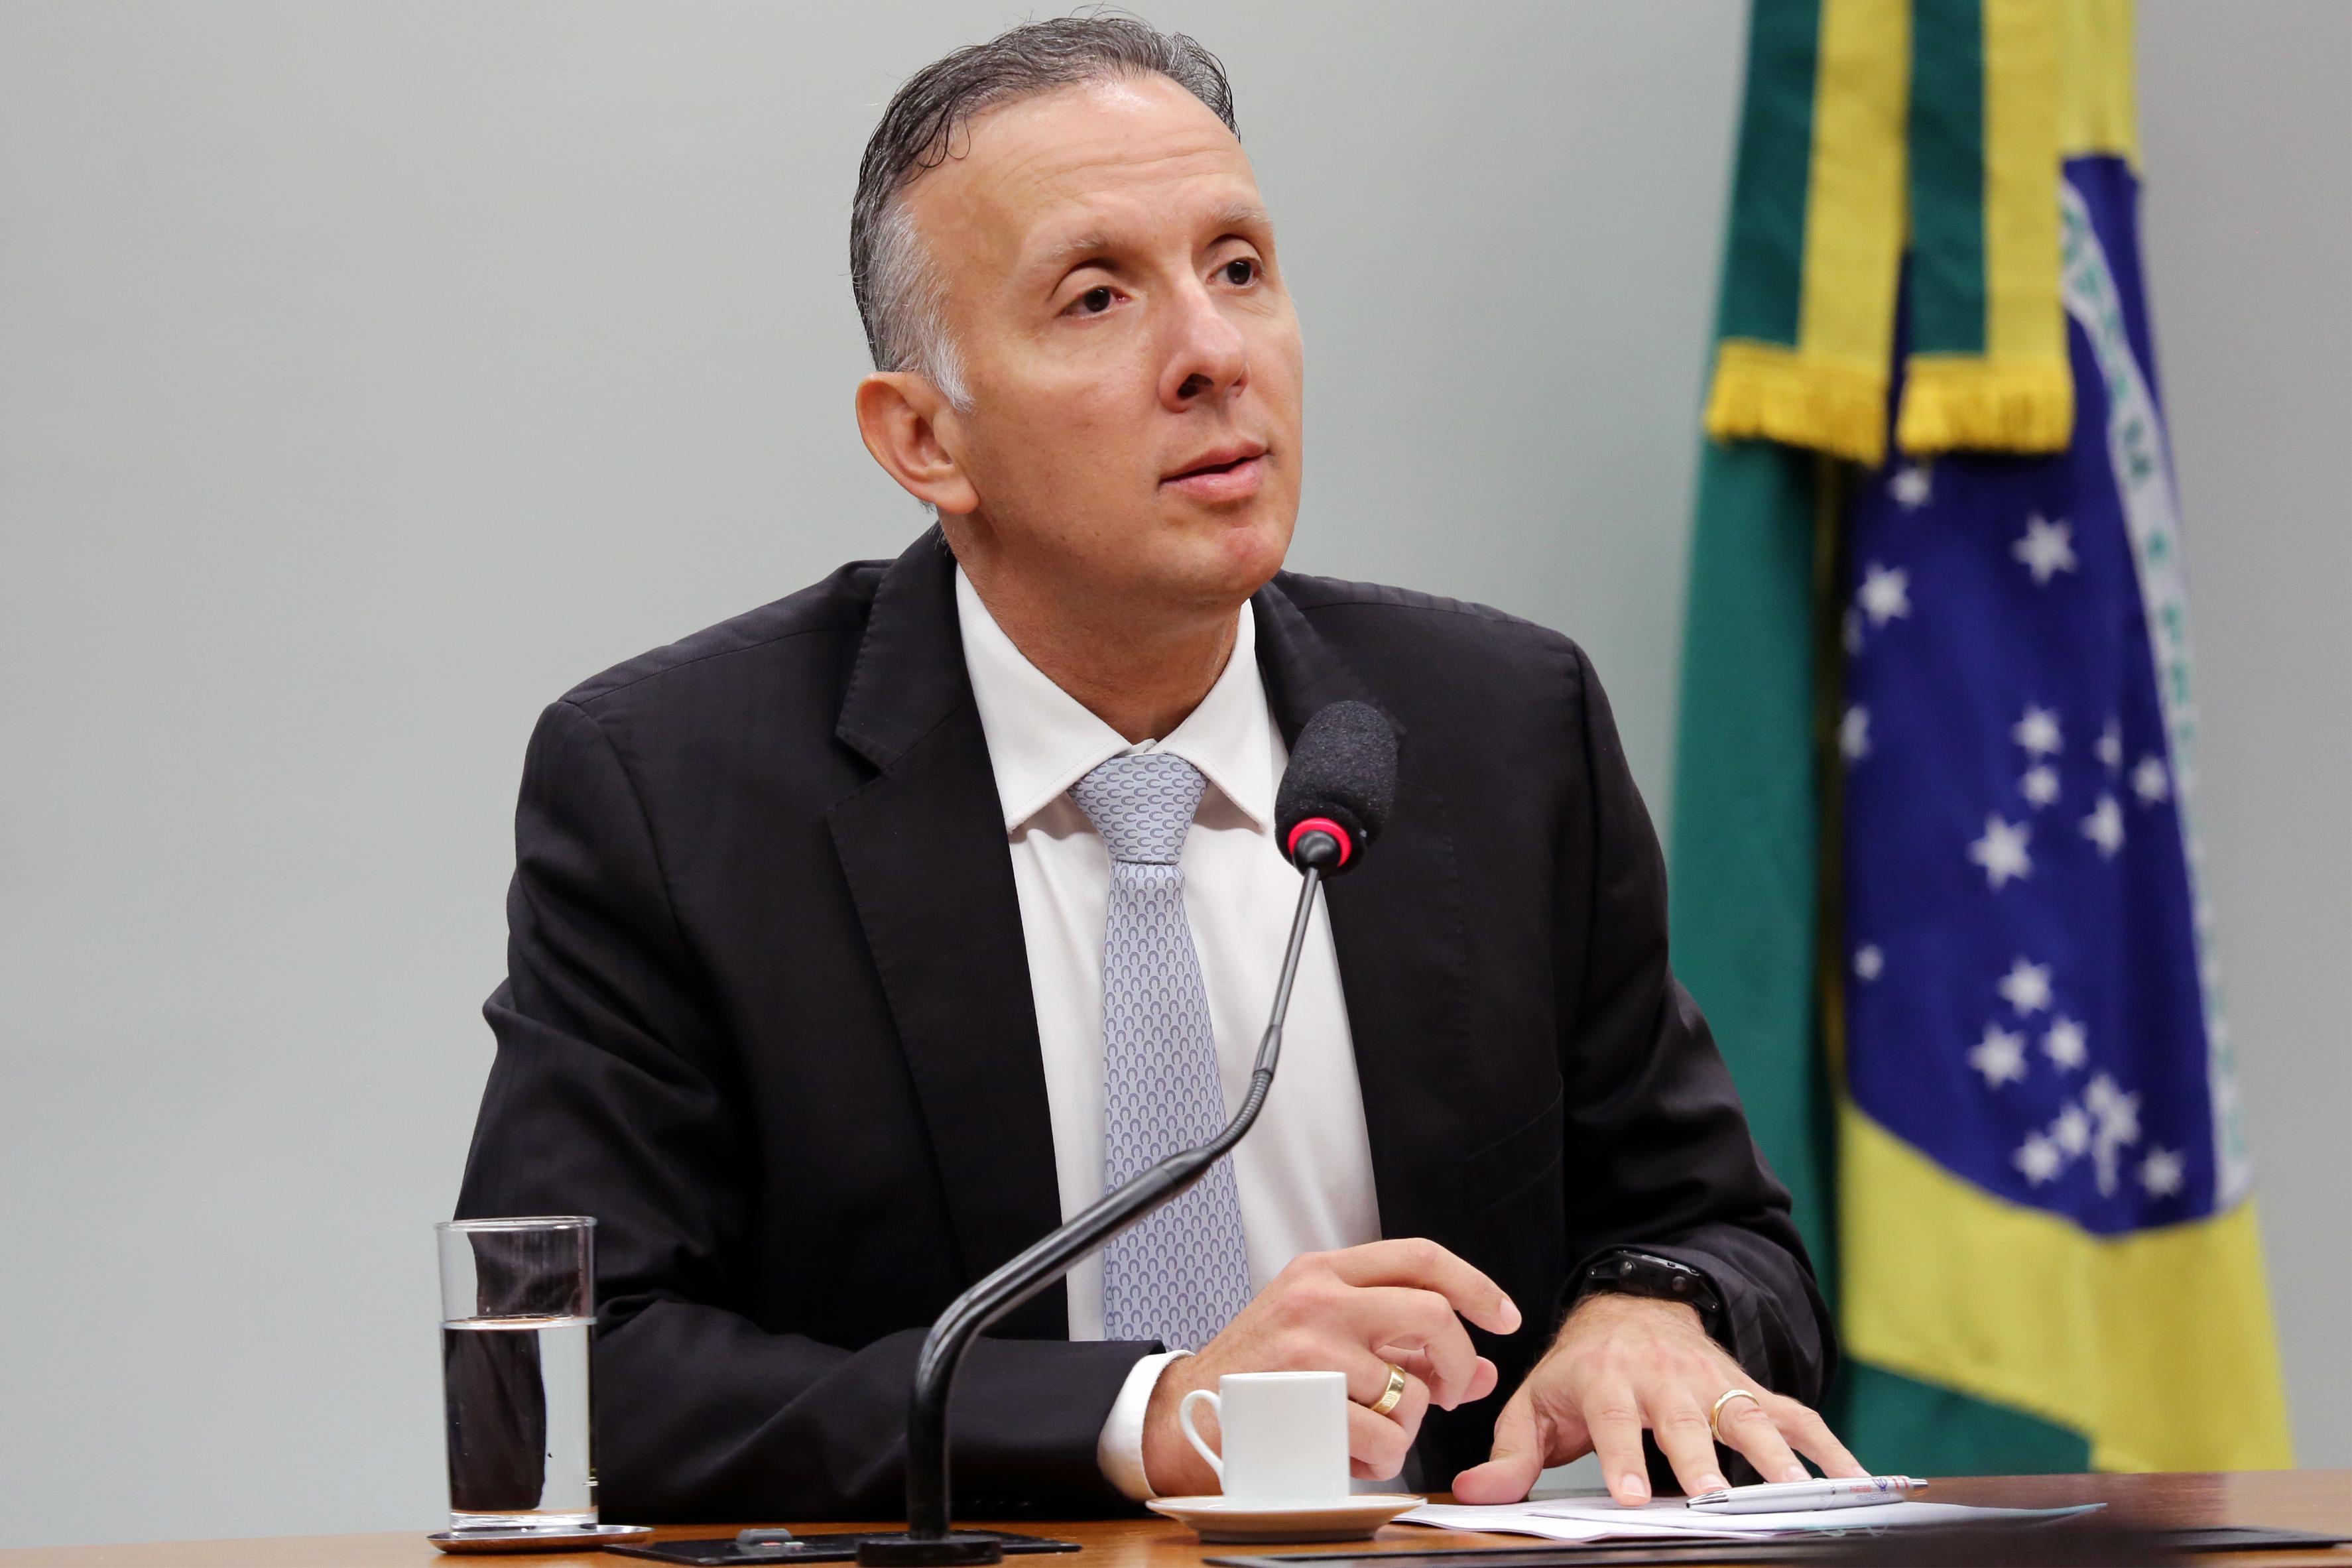 Relator dep. Arthur Oliveira Maia (PPS-BA), apresenta emenda aglutinativa para a Reforma da Previdência. Dep. Aguinaldo Ribeiro (PP - PB)